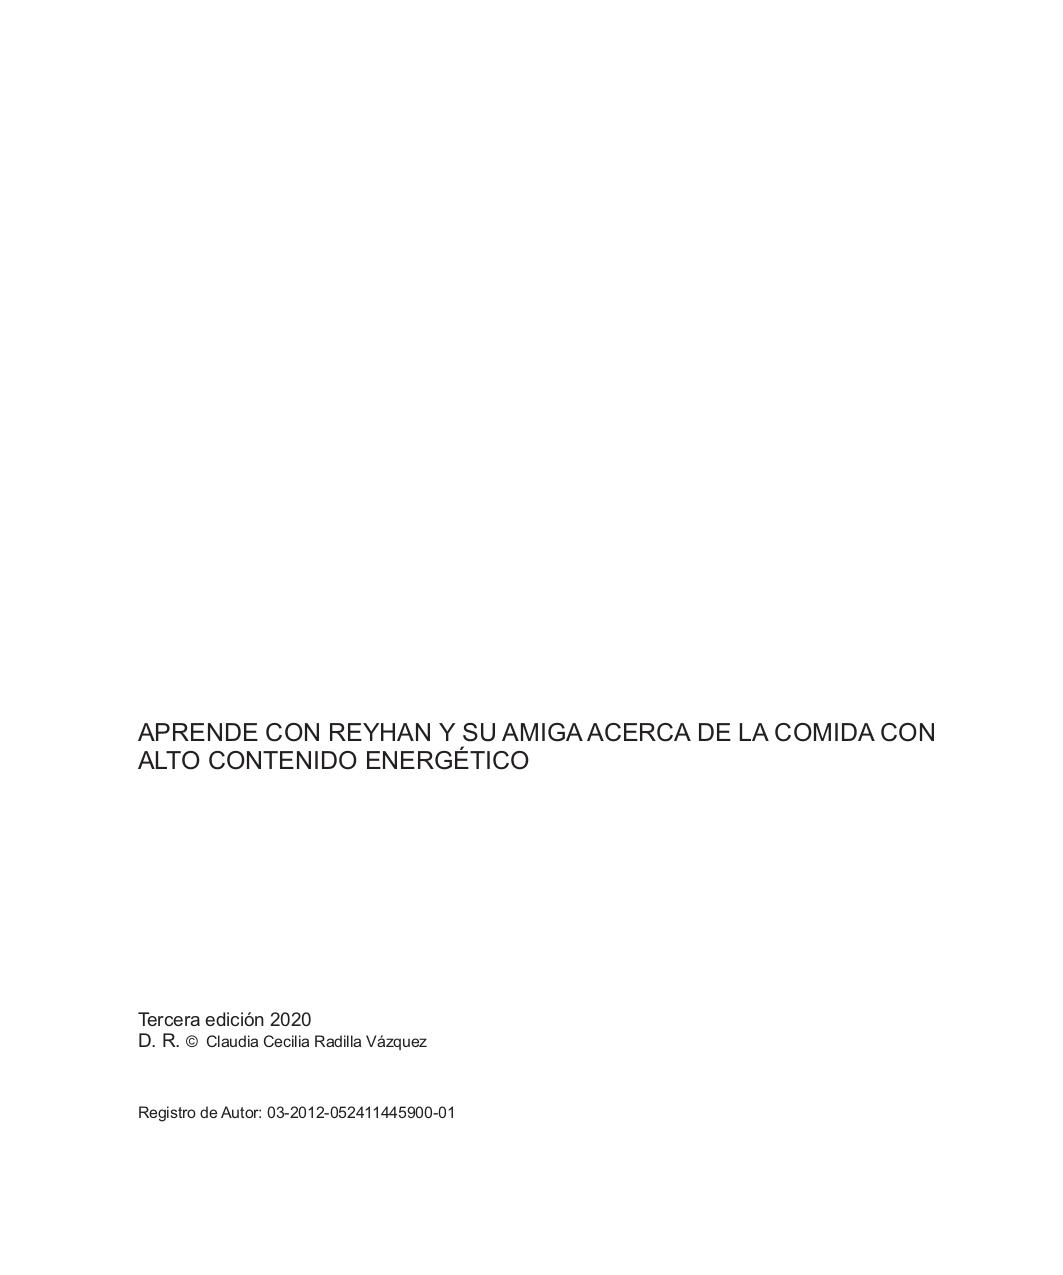 Contenido energetico digital_page-0003